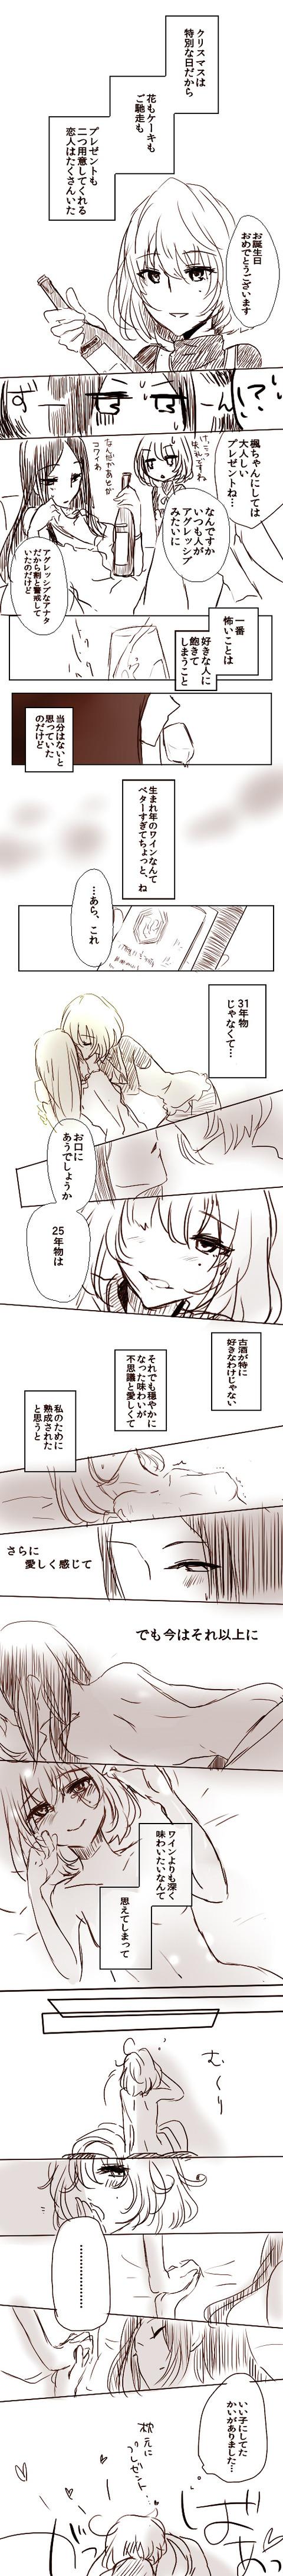 めちゃエロイアイドルマスターシンデレラガールズ貼ってくれ!3113